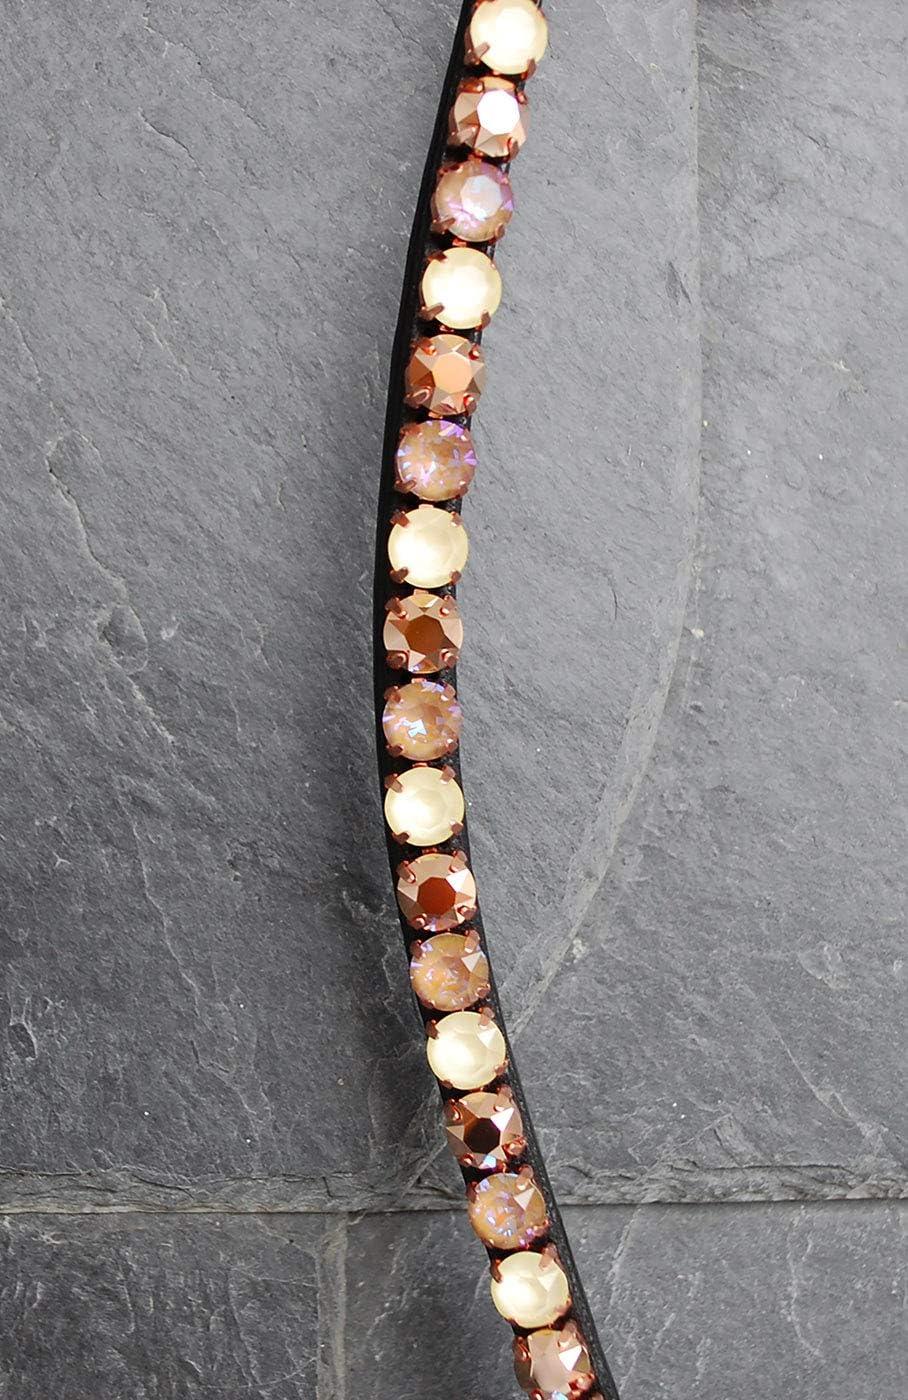 Braun /& Gelb Gl/ücksHucke Stirnriemen Pferd Buttercup mit gro/ßen Glitzer Chatons in Gold geschwungen handgen/äht